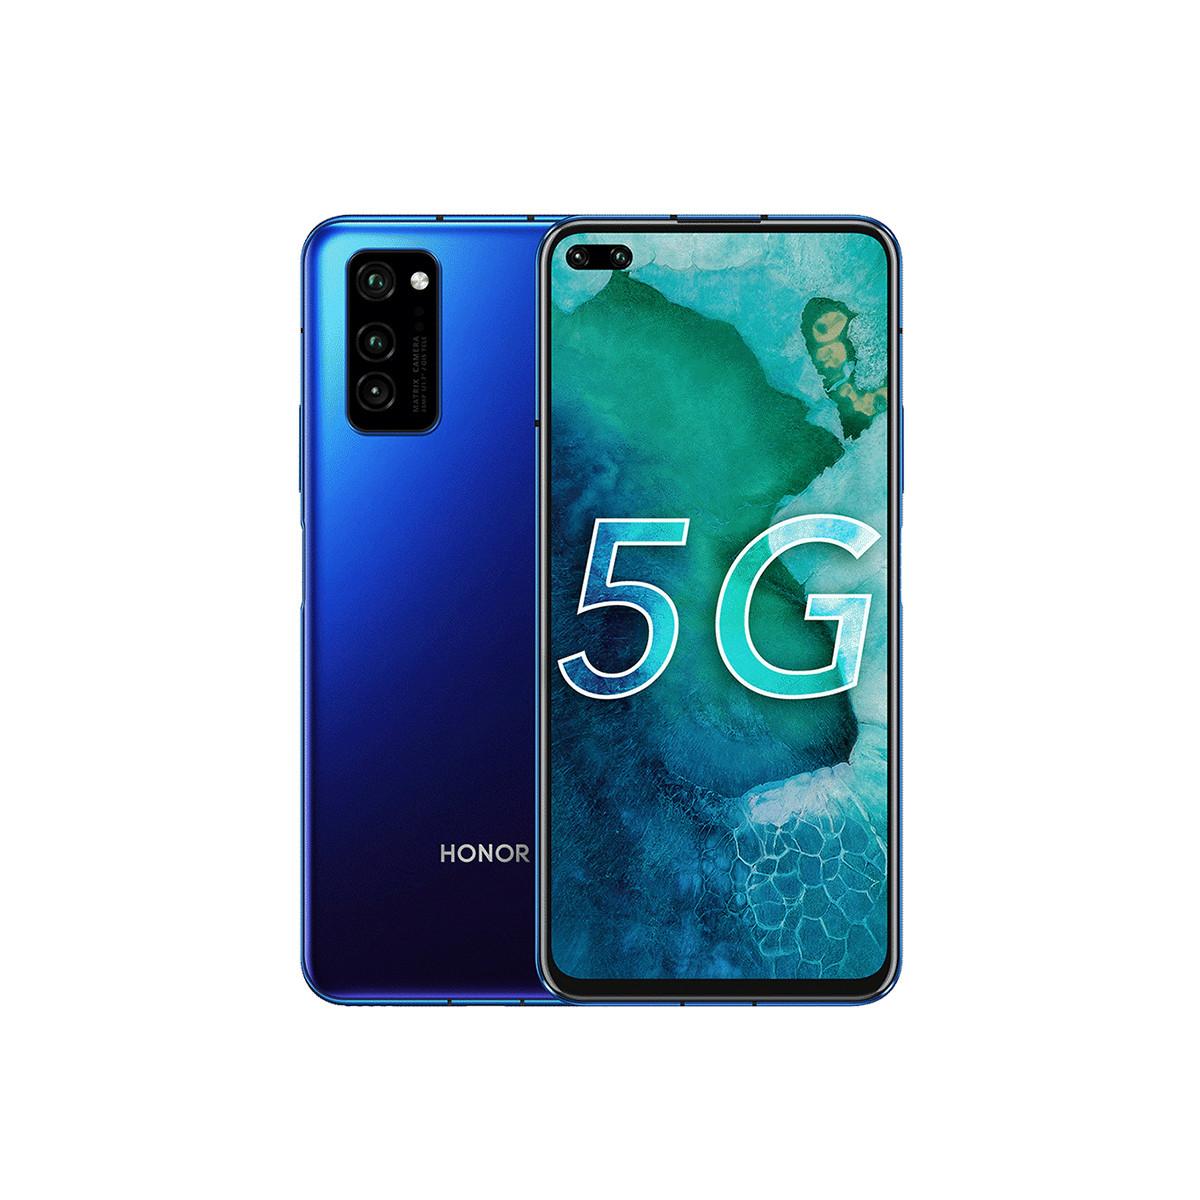 荣耀荣耀V30 8GB+128GB【标配套餐】麒麟990双模5G手机D荣耀V30 8GB+128GB 魅海星蓝-套餐